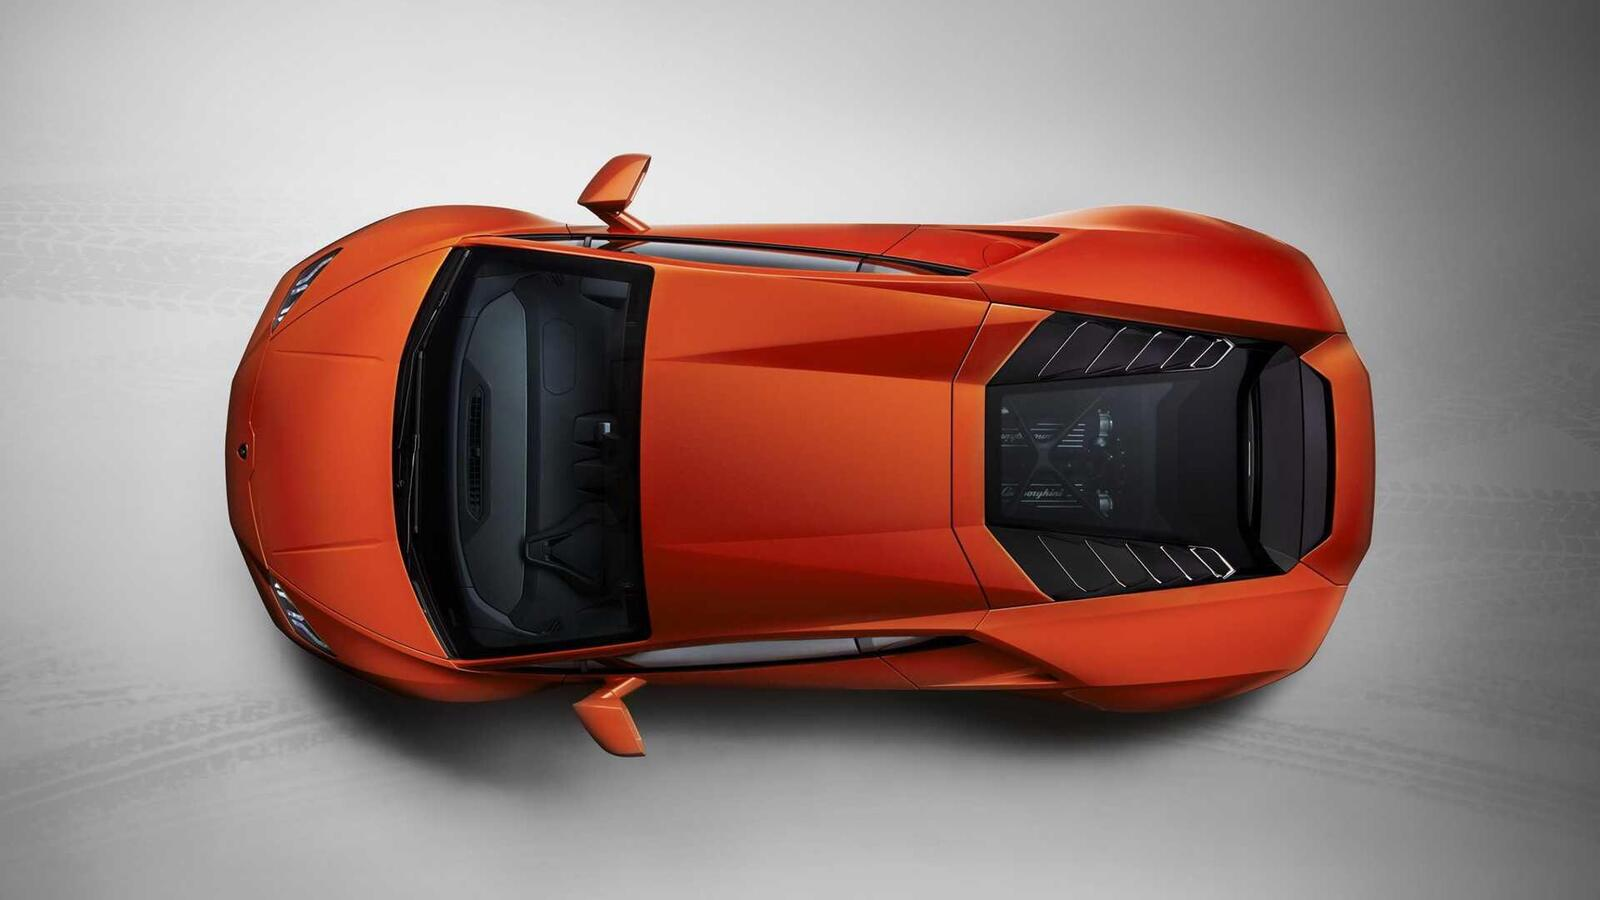 Lamborghini giới thiệu Huracan EVO mới với sức mạnh 640 mã lực - Hình 17